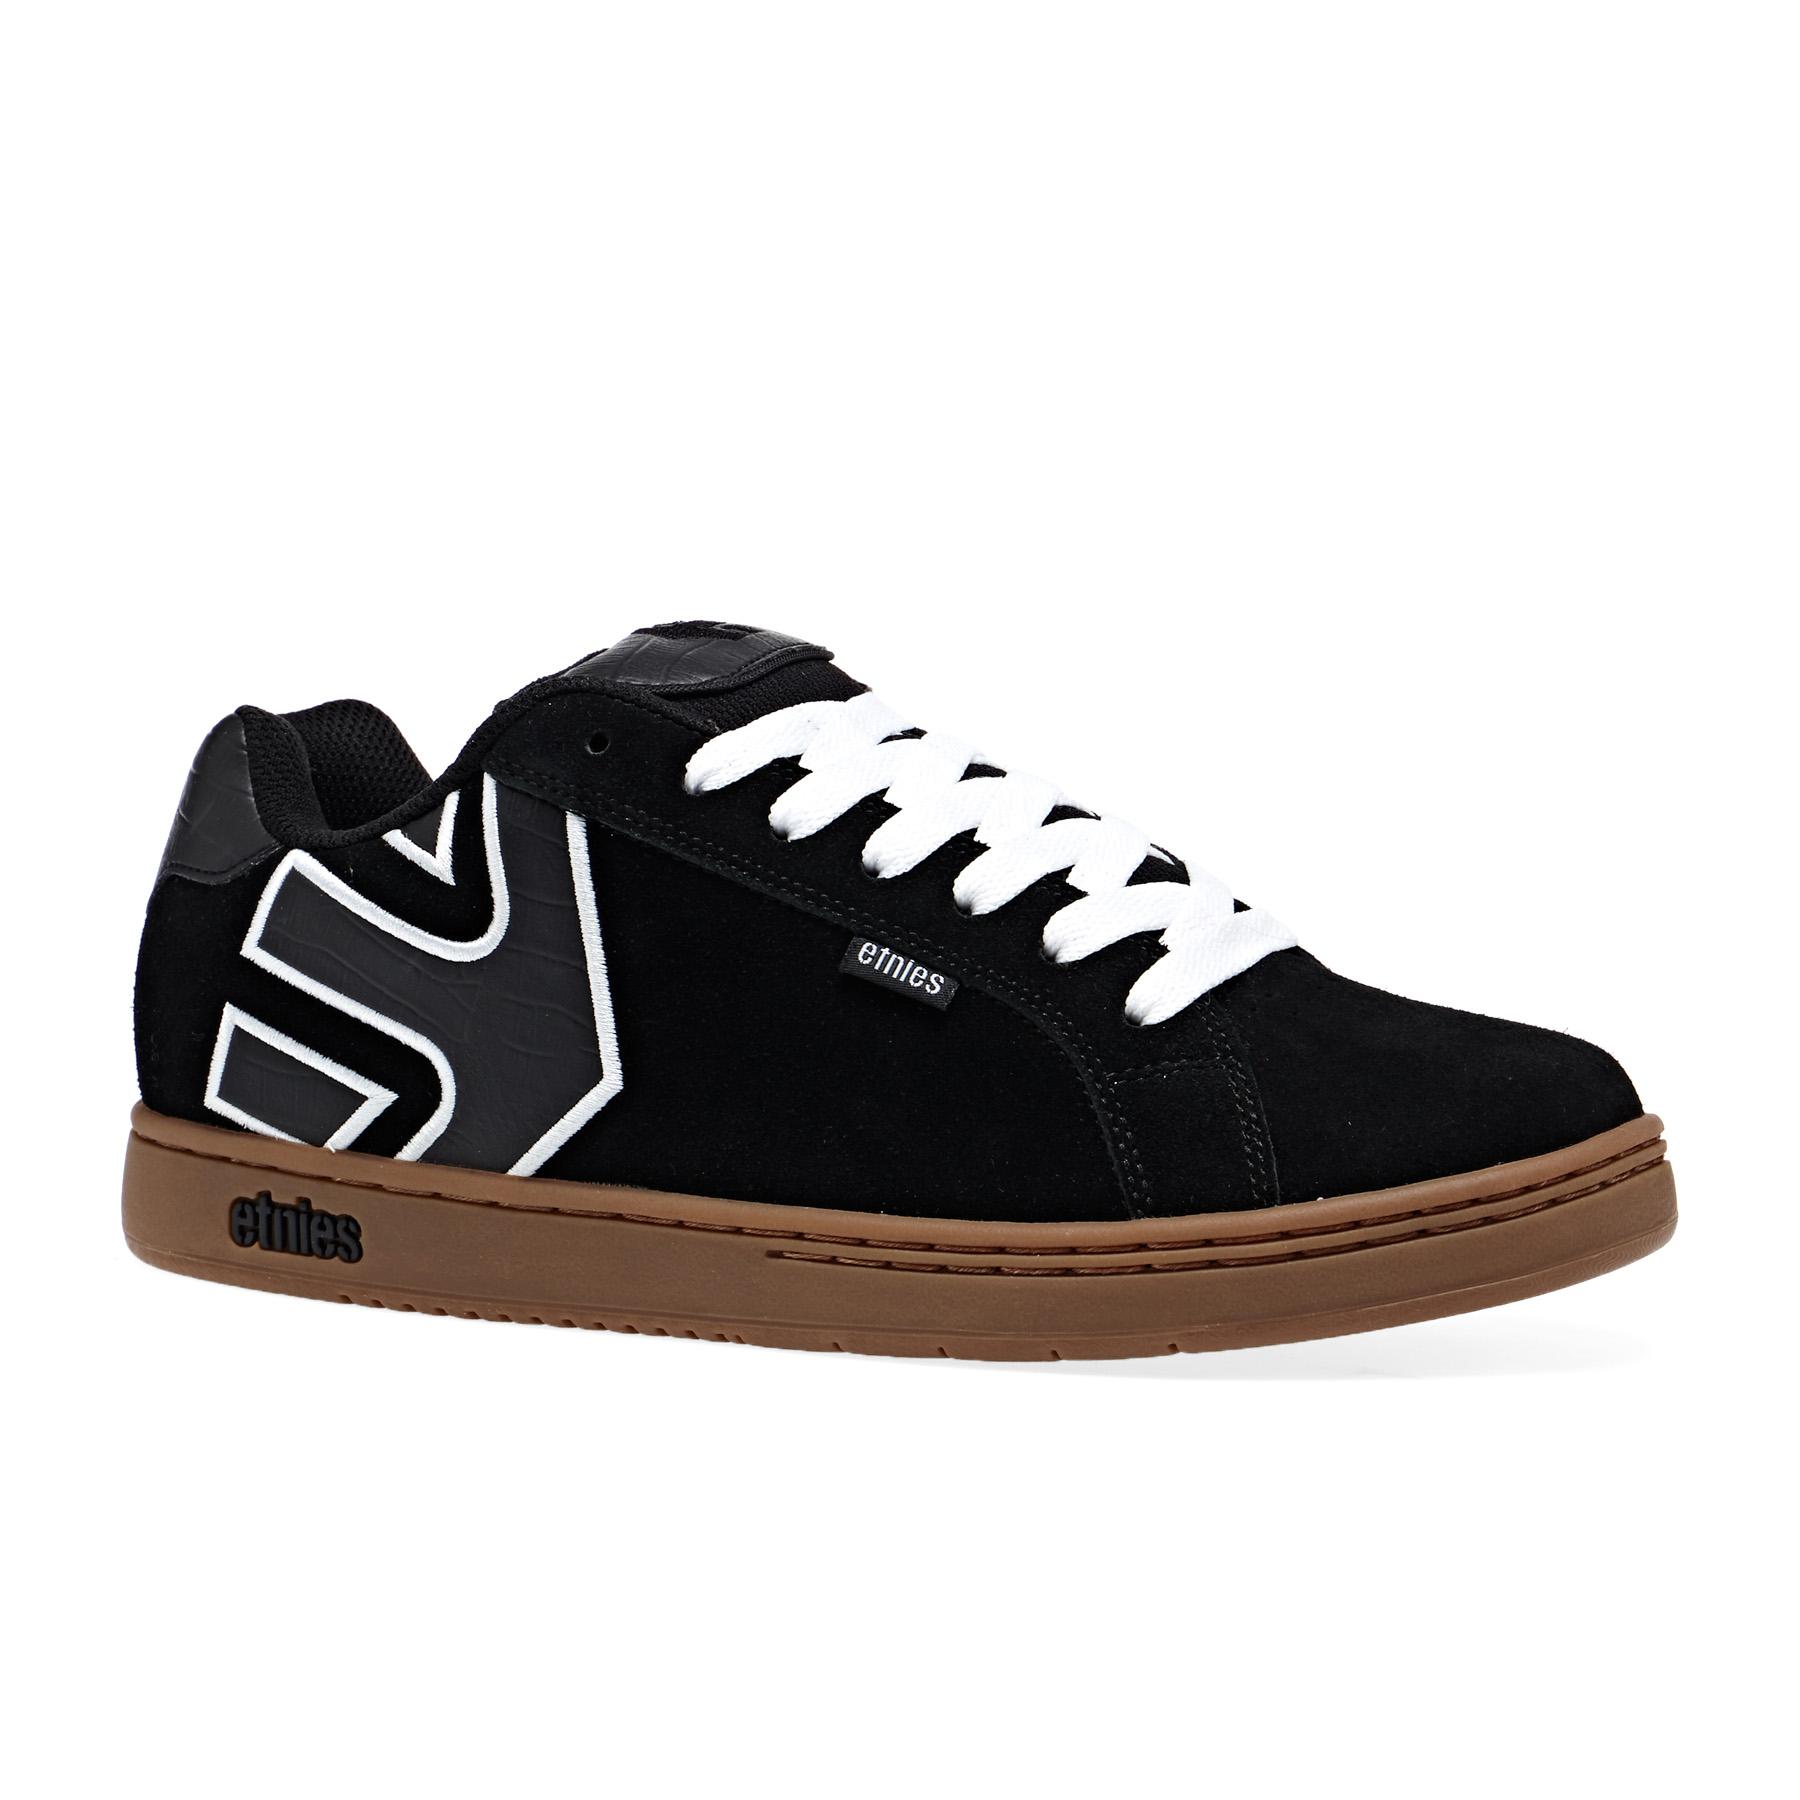 Détails sur Etnies Fader Homme Chaussures Chaussure Black White Gum Toutes Tailles